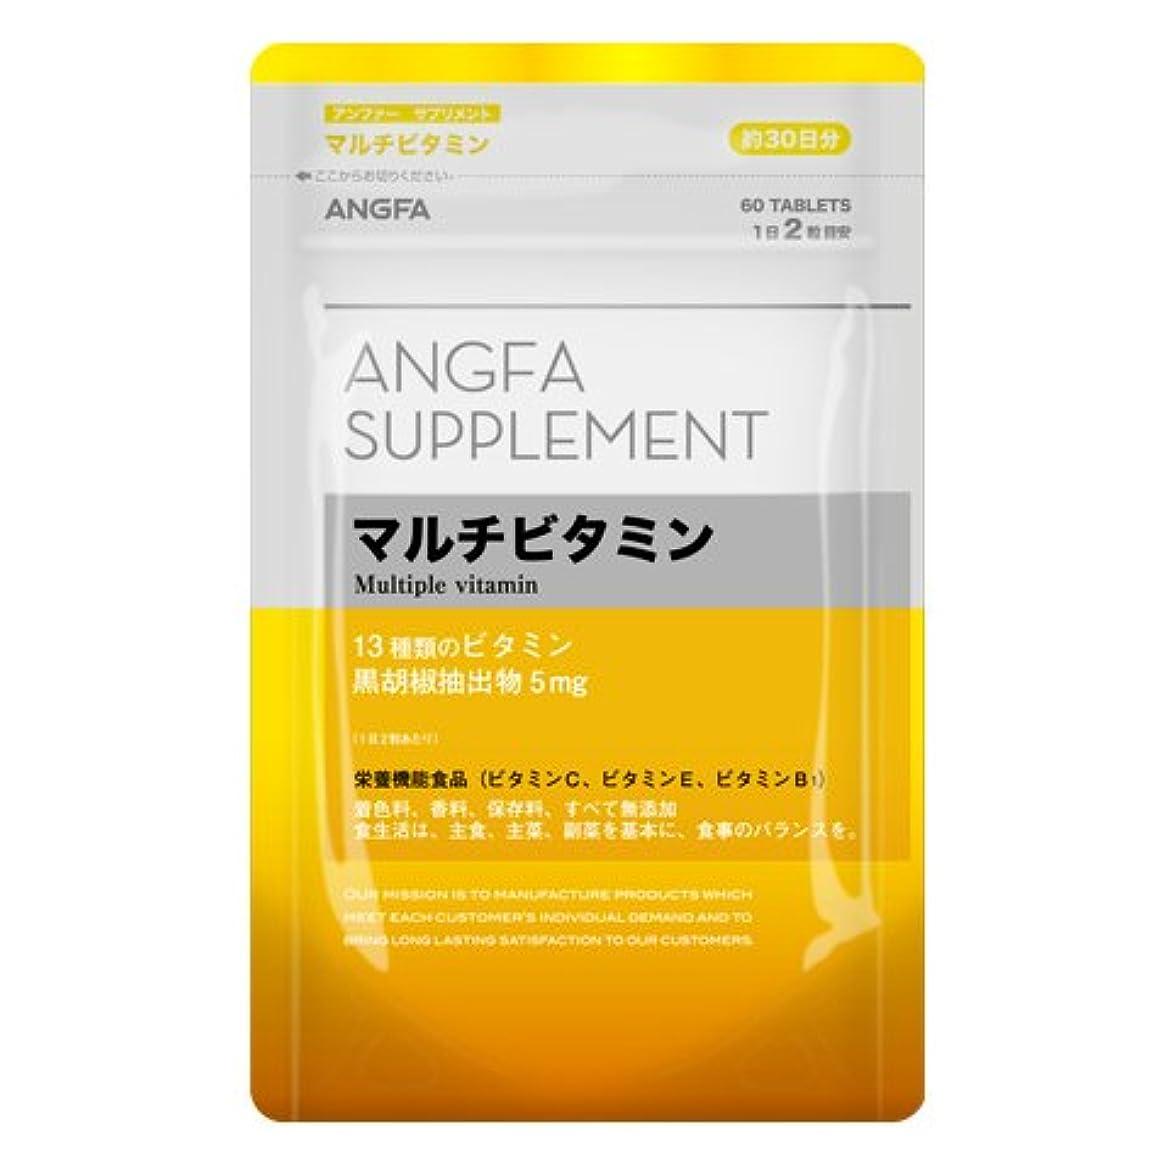 技術者叱る松アンファー (ANGFA) サプリメント マルチビタミン 60粒